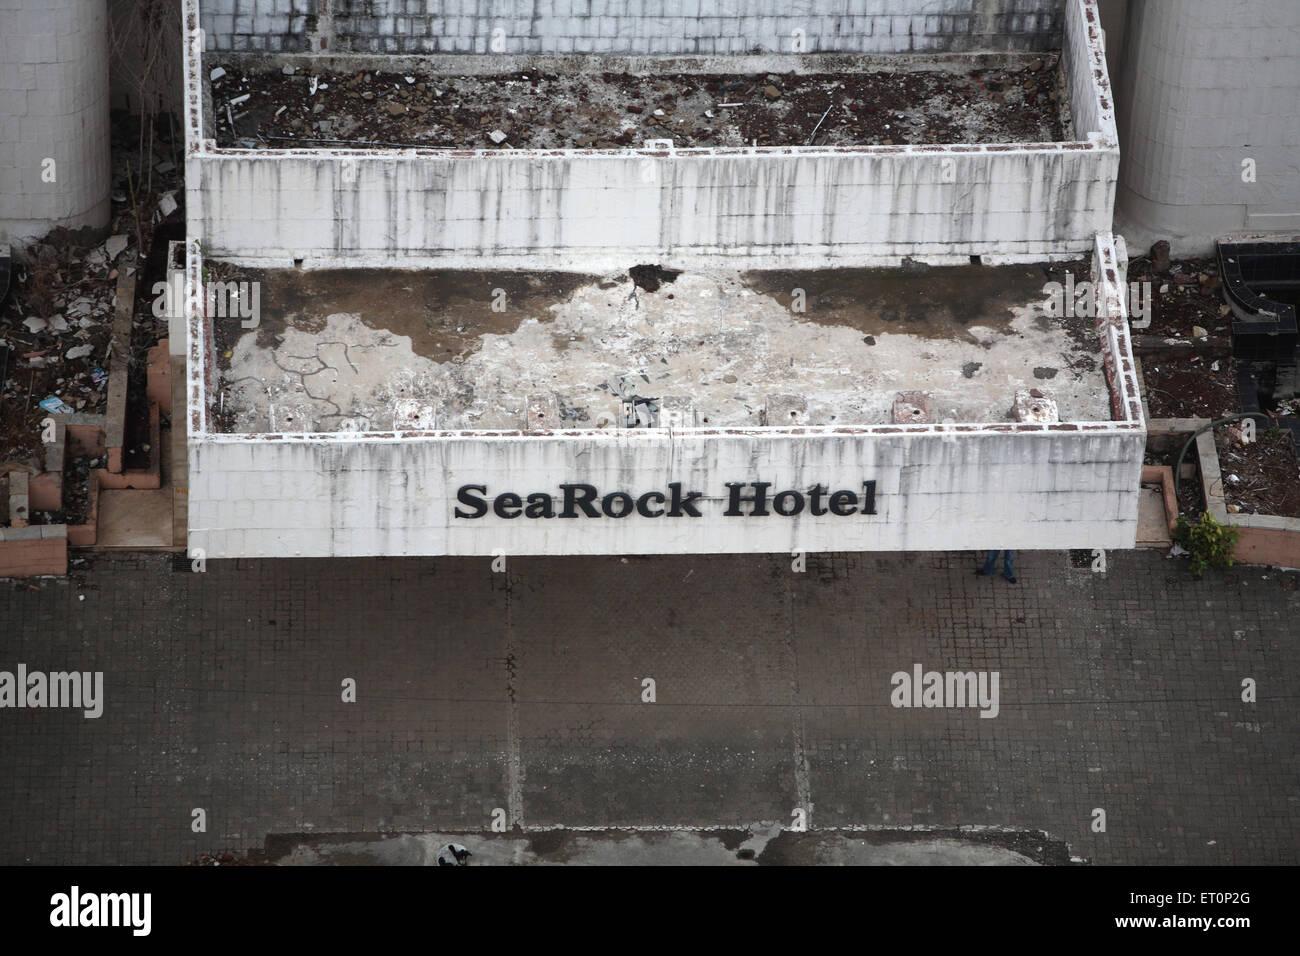 Hotel searock at band stand ; Bandra ; Bombay Mumbai ; Maharashtra ; India - Stock Image